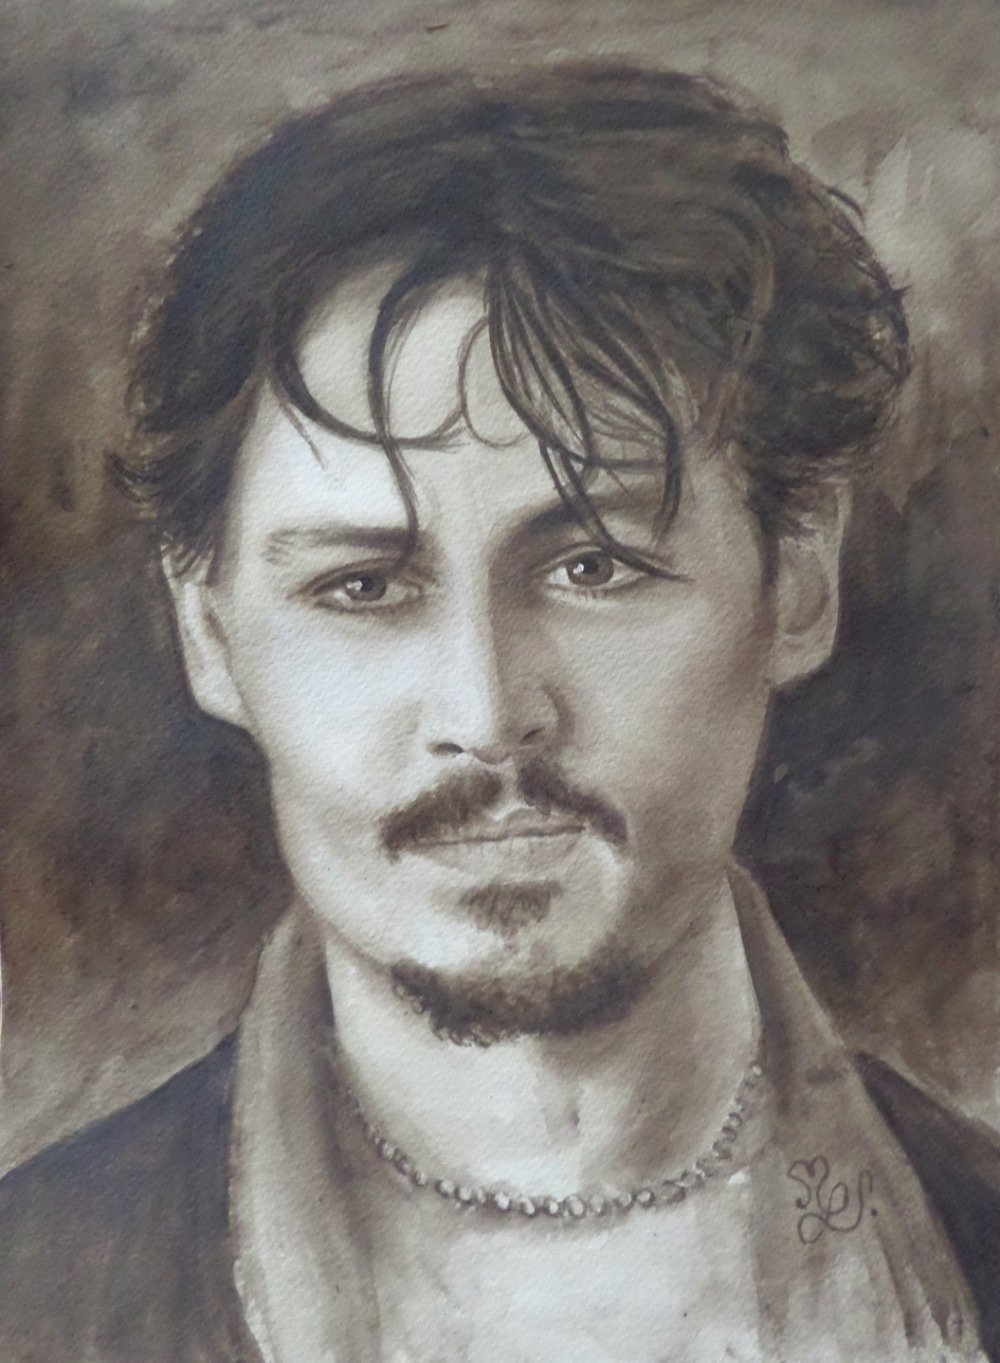 Portrait de Johnny Deep peinture aquarelle dépia